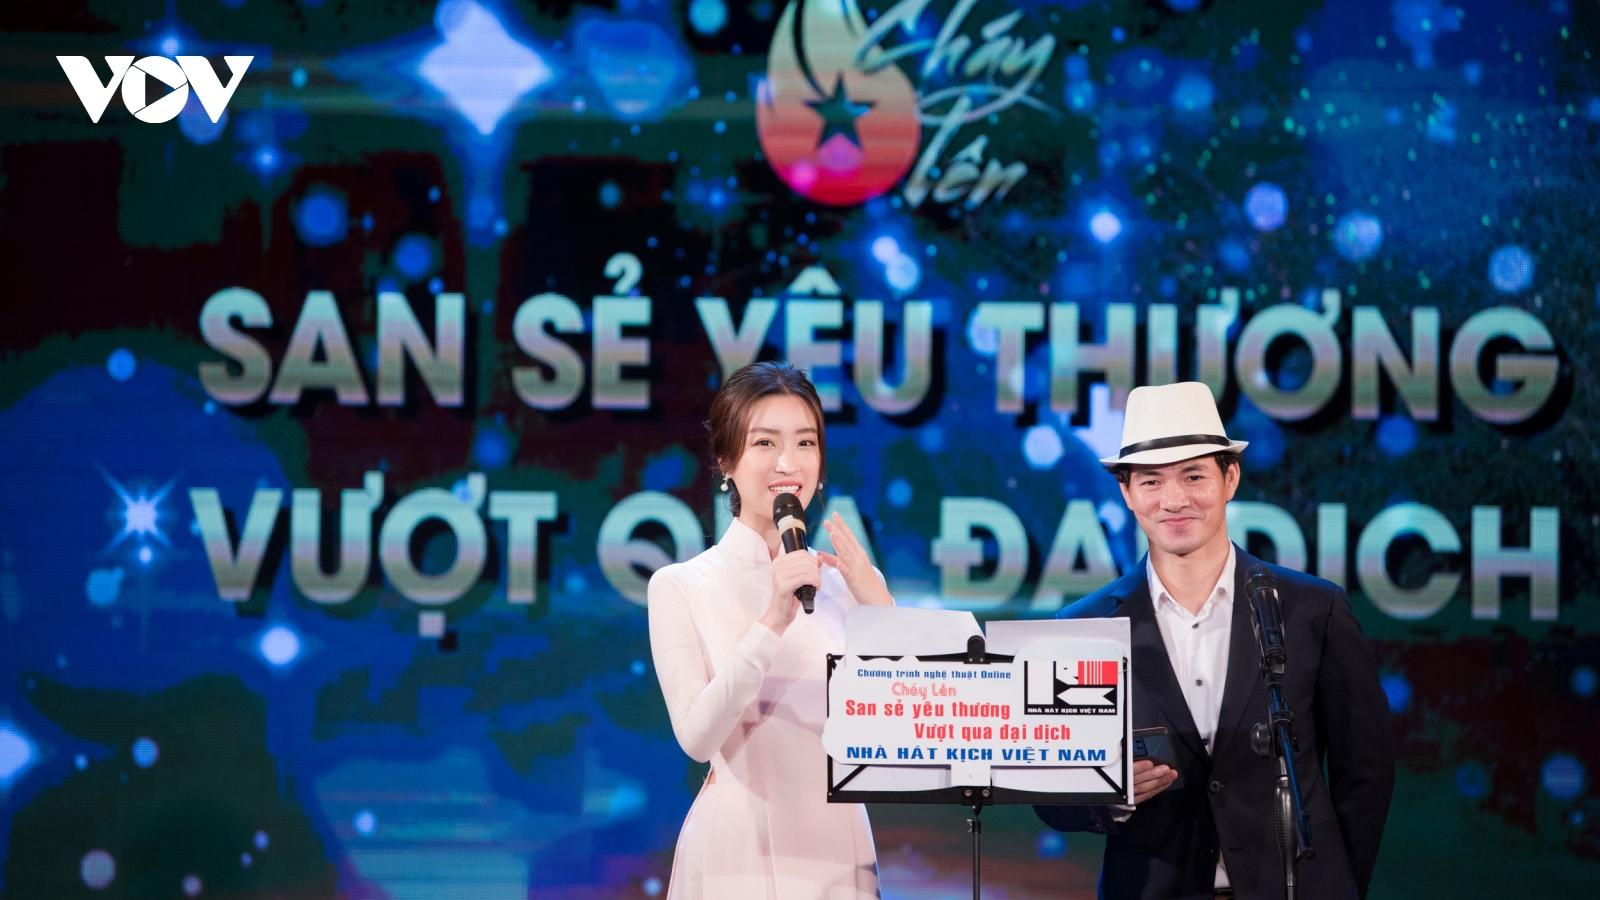 """NSƯT Xuân Bắc, Hoa hậu Đỗ Mỹ Linh làm MC chương trình nghệ thuật trực tuyến """"Cháy lên"""""""